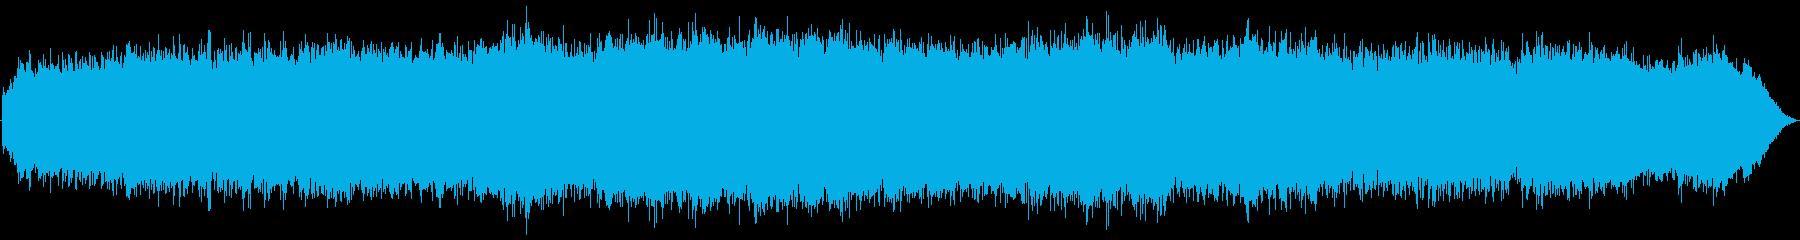 モダン テクノ アンビエント 瞑想...の再生済みの波形